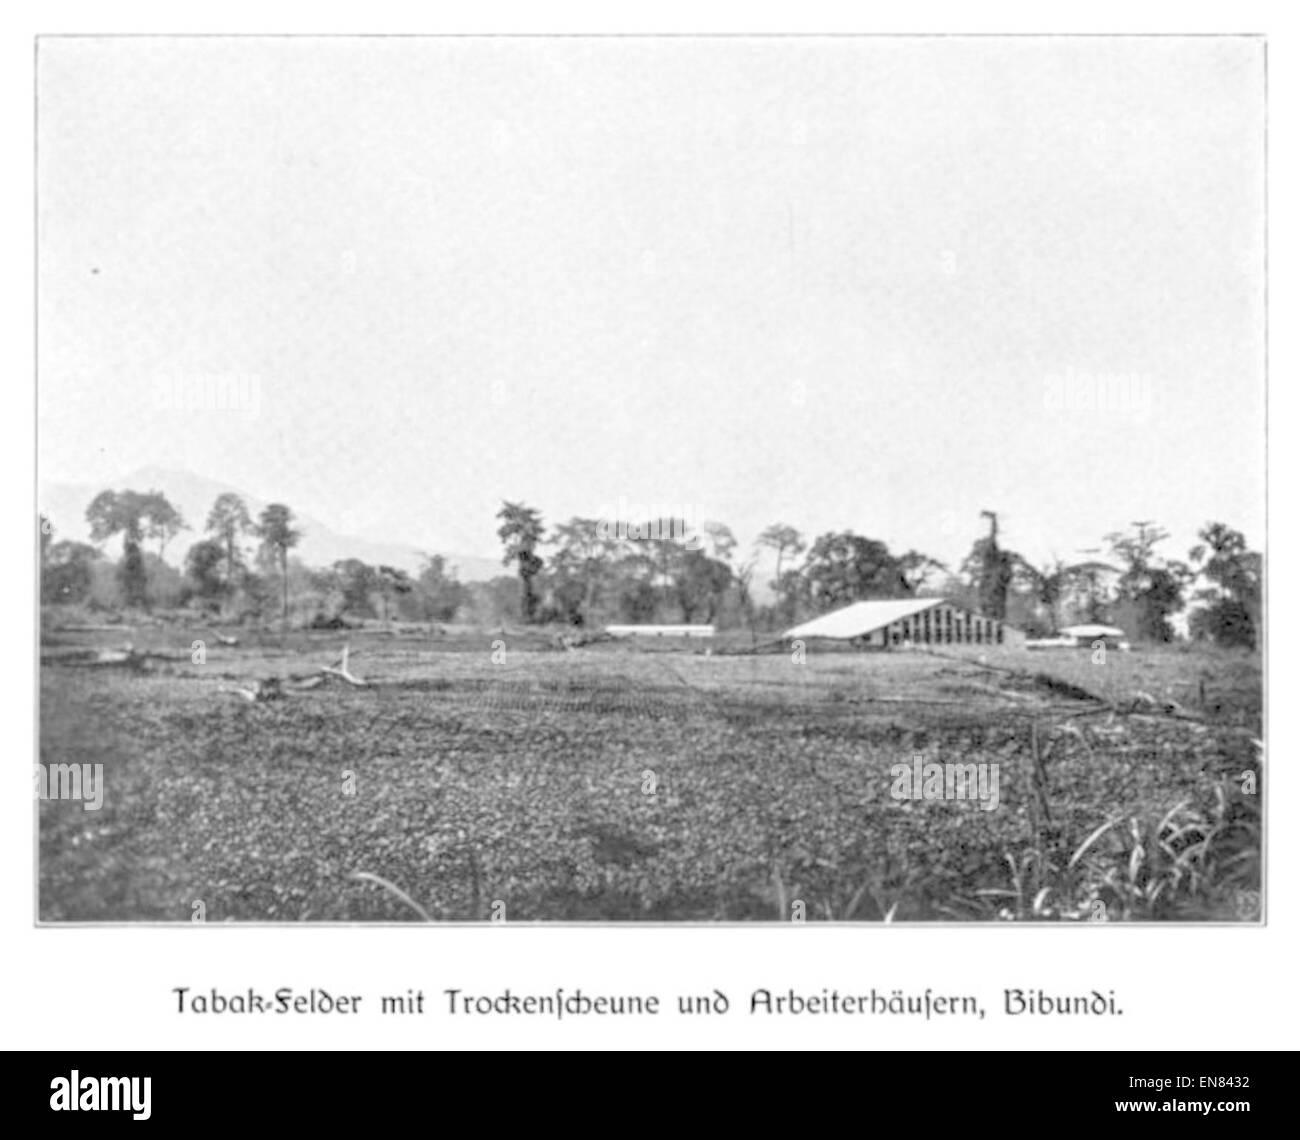 WOHLTMANN(1904) p024 Tabak-Felder mit Trockenscheune und ArbeiterhC3A4usern, Bibundi - Stock Image